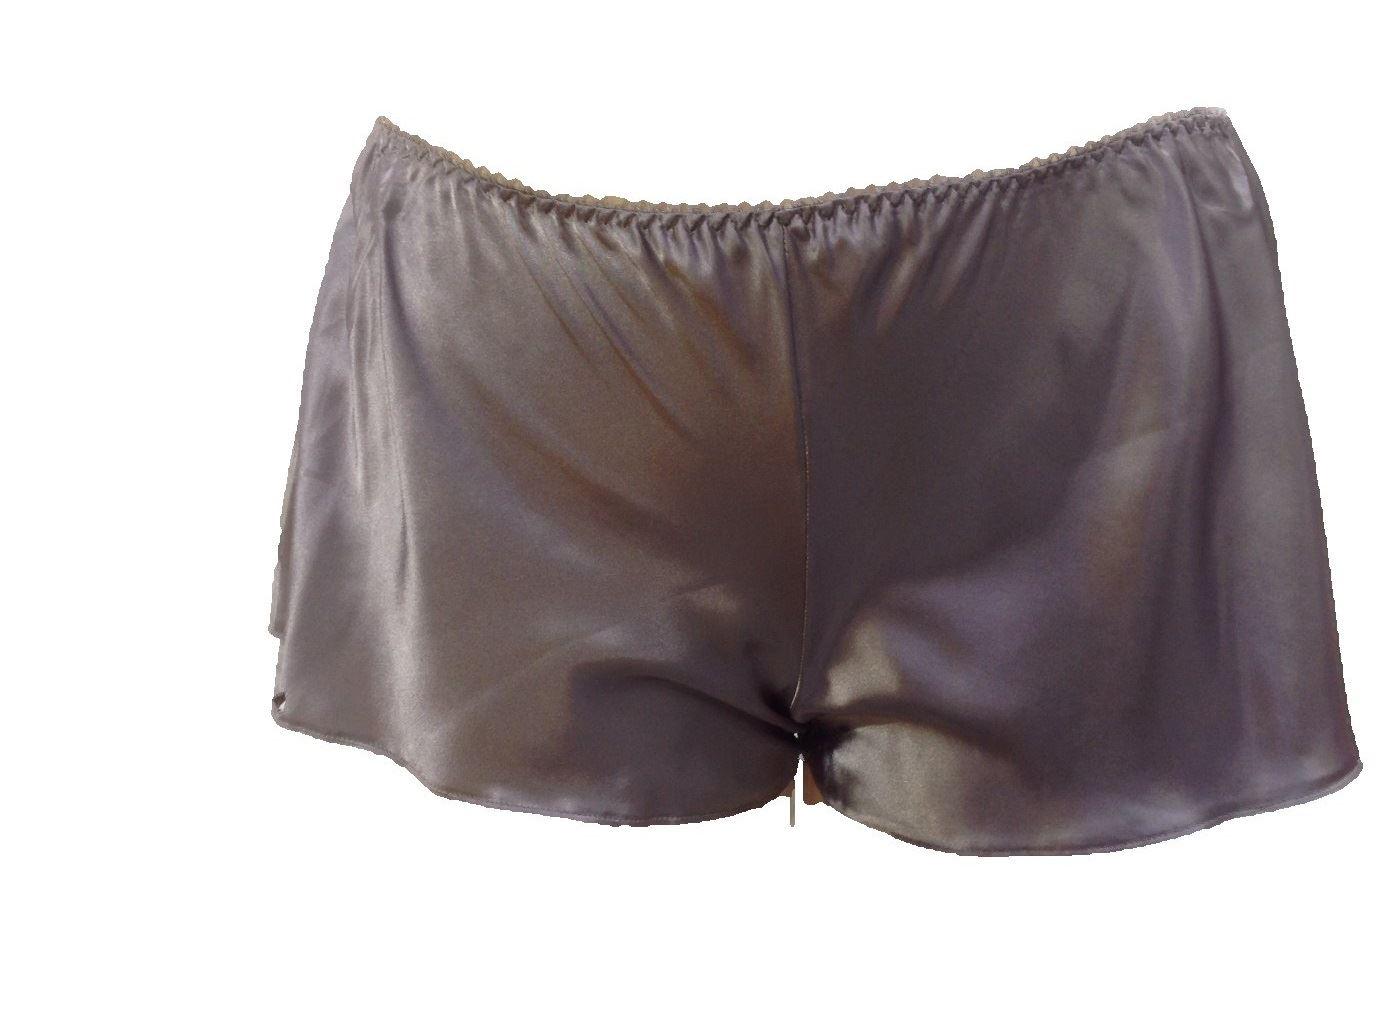 Recette de culottes en soie